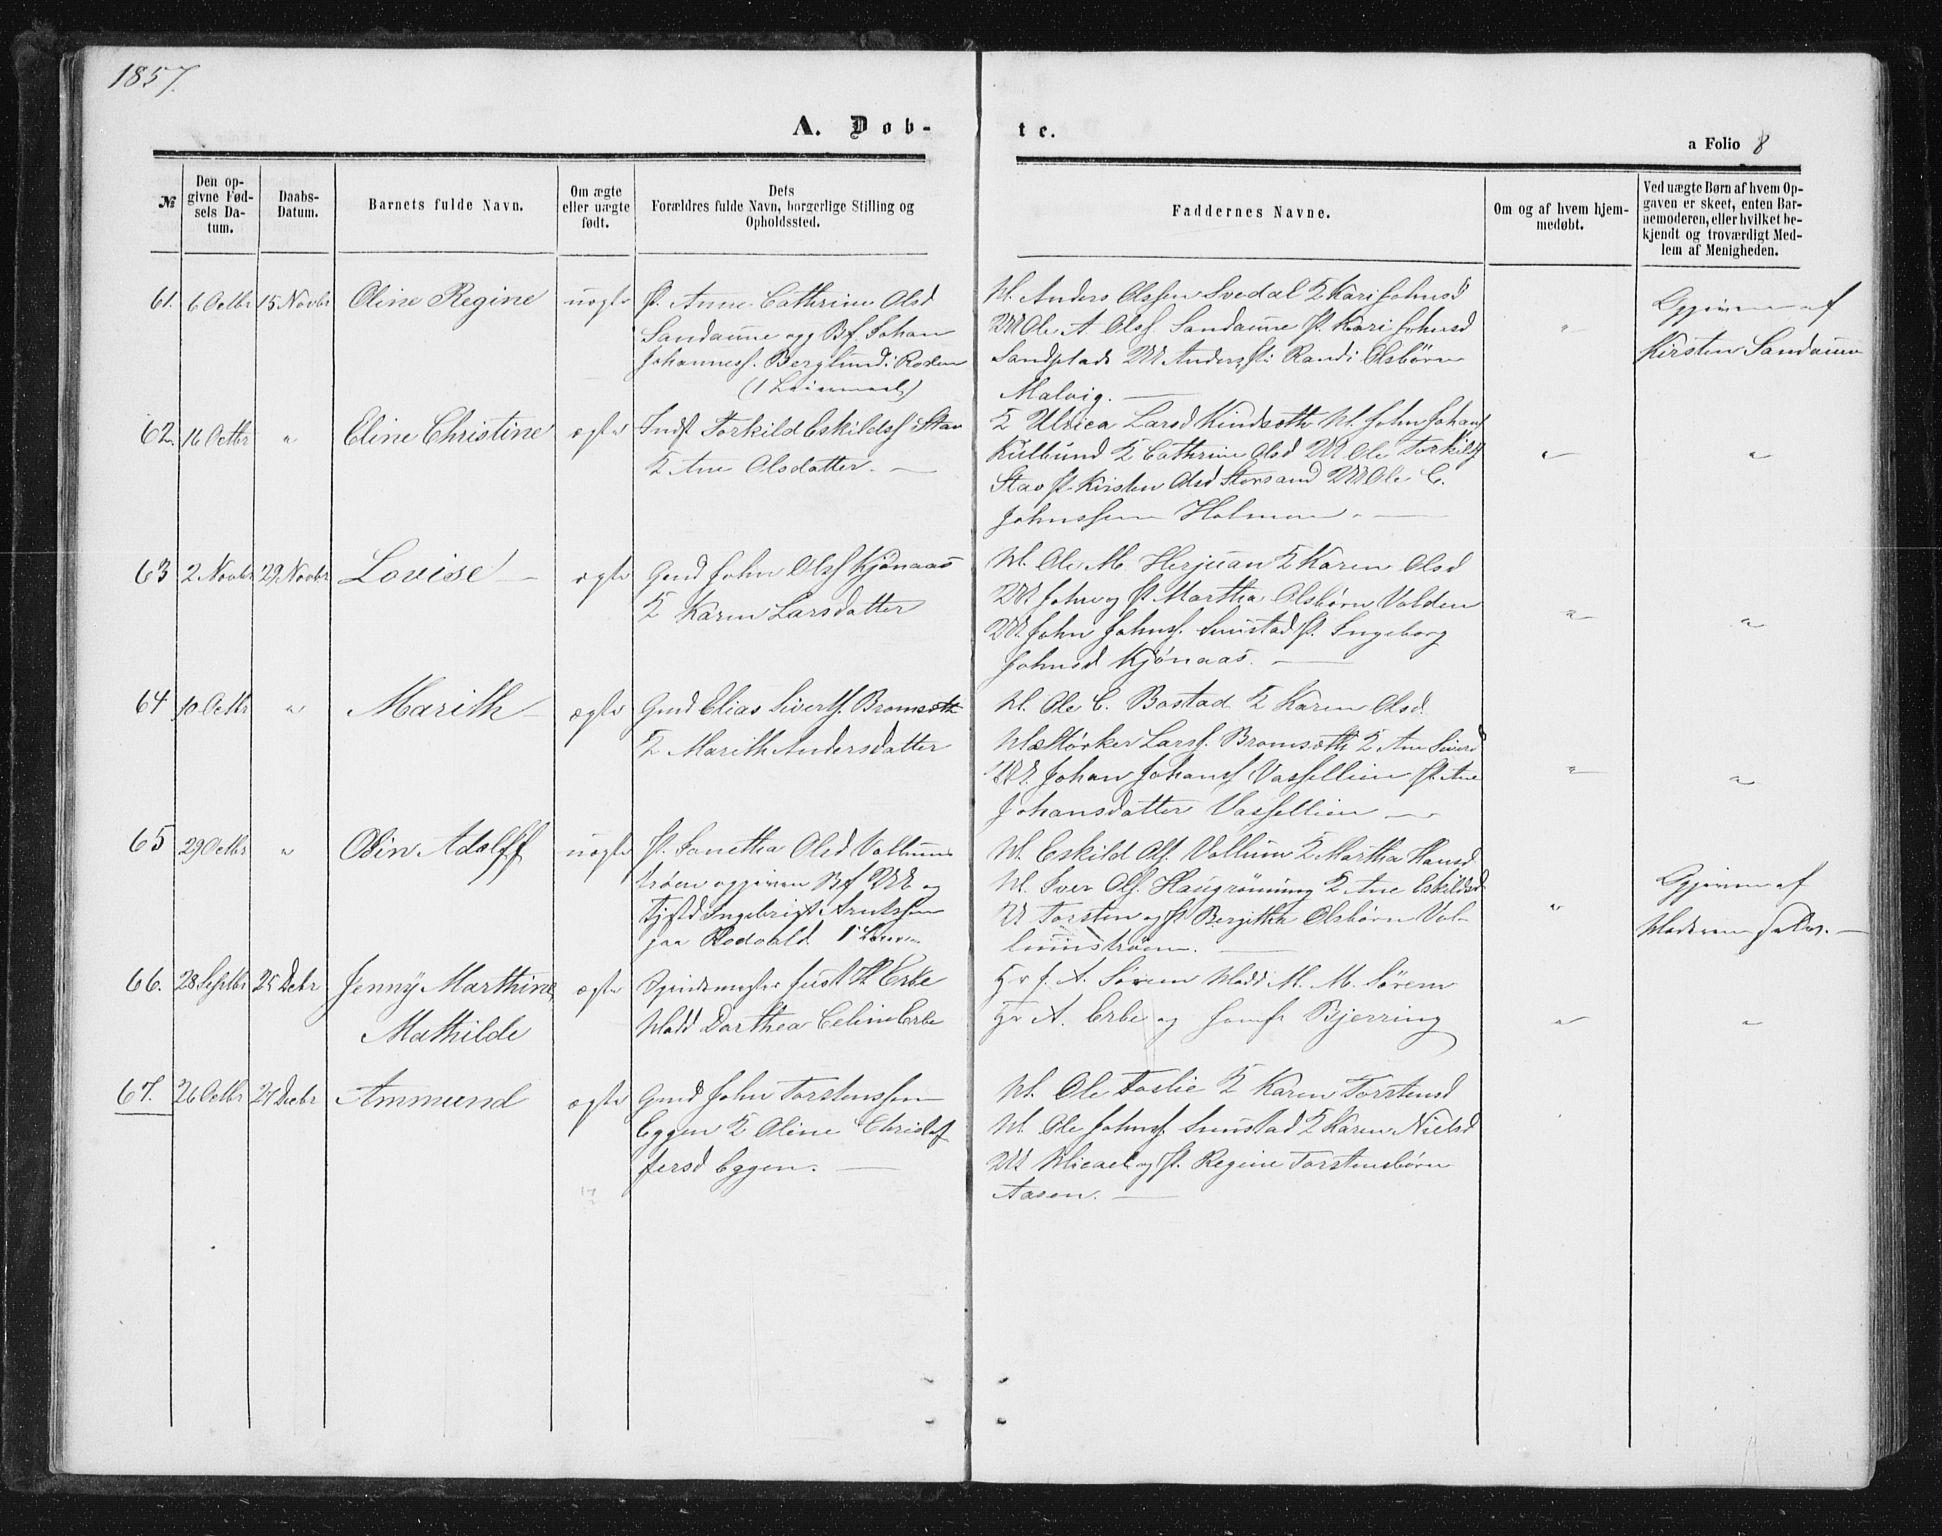 SAT, Ministerialprotokoller, klokkerbøker og fødselsregistre - Sør-Trøndelag, 616/L0408: Ministerialbok nr. 616A05, 1857-1865, s. 8